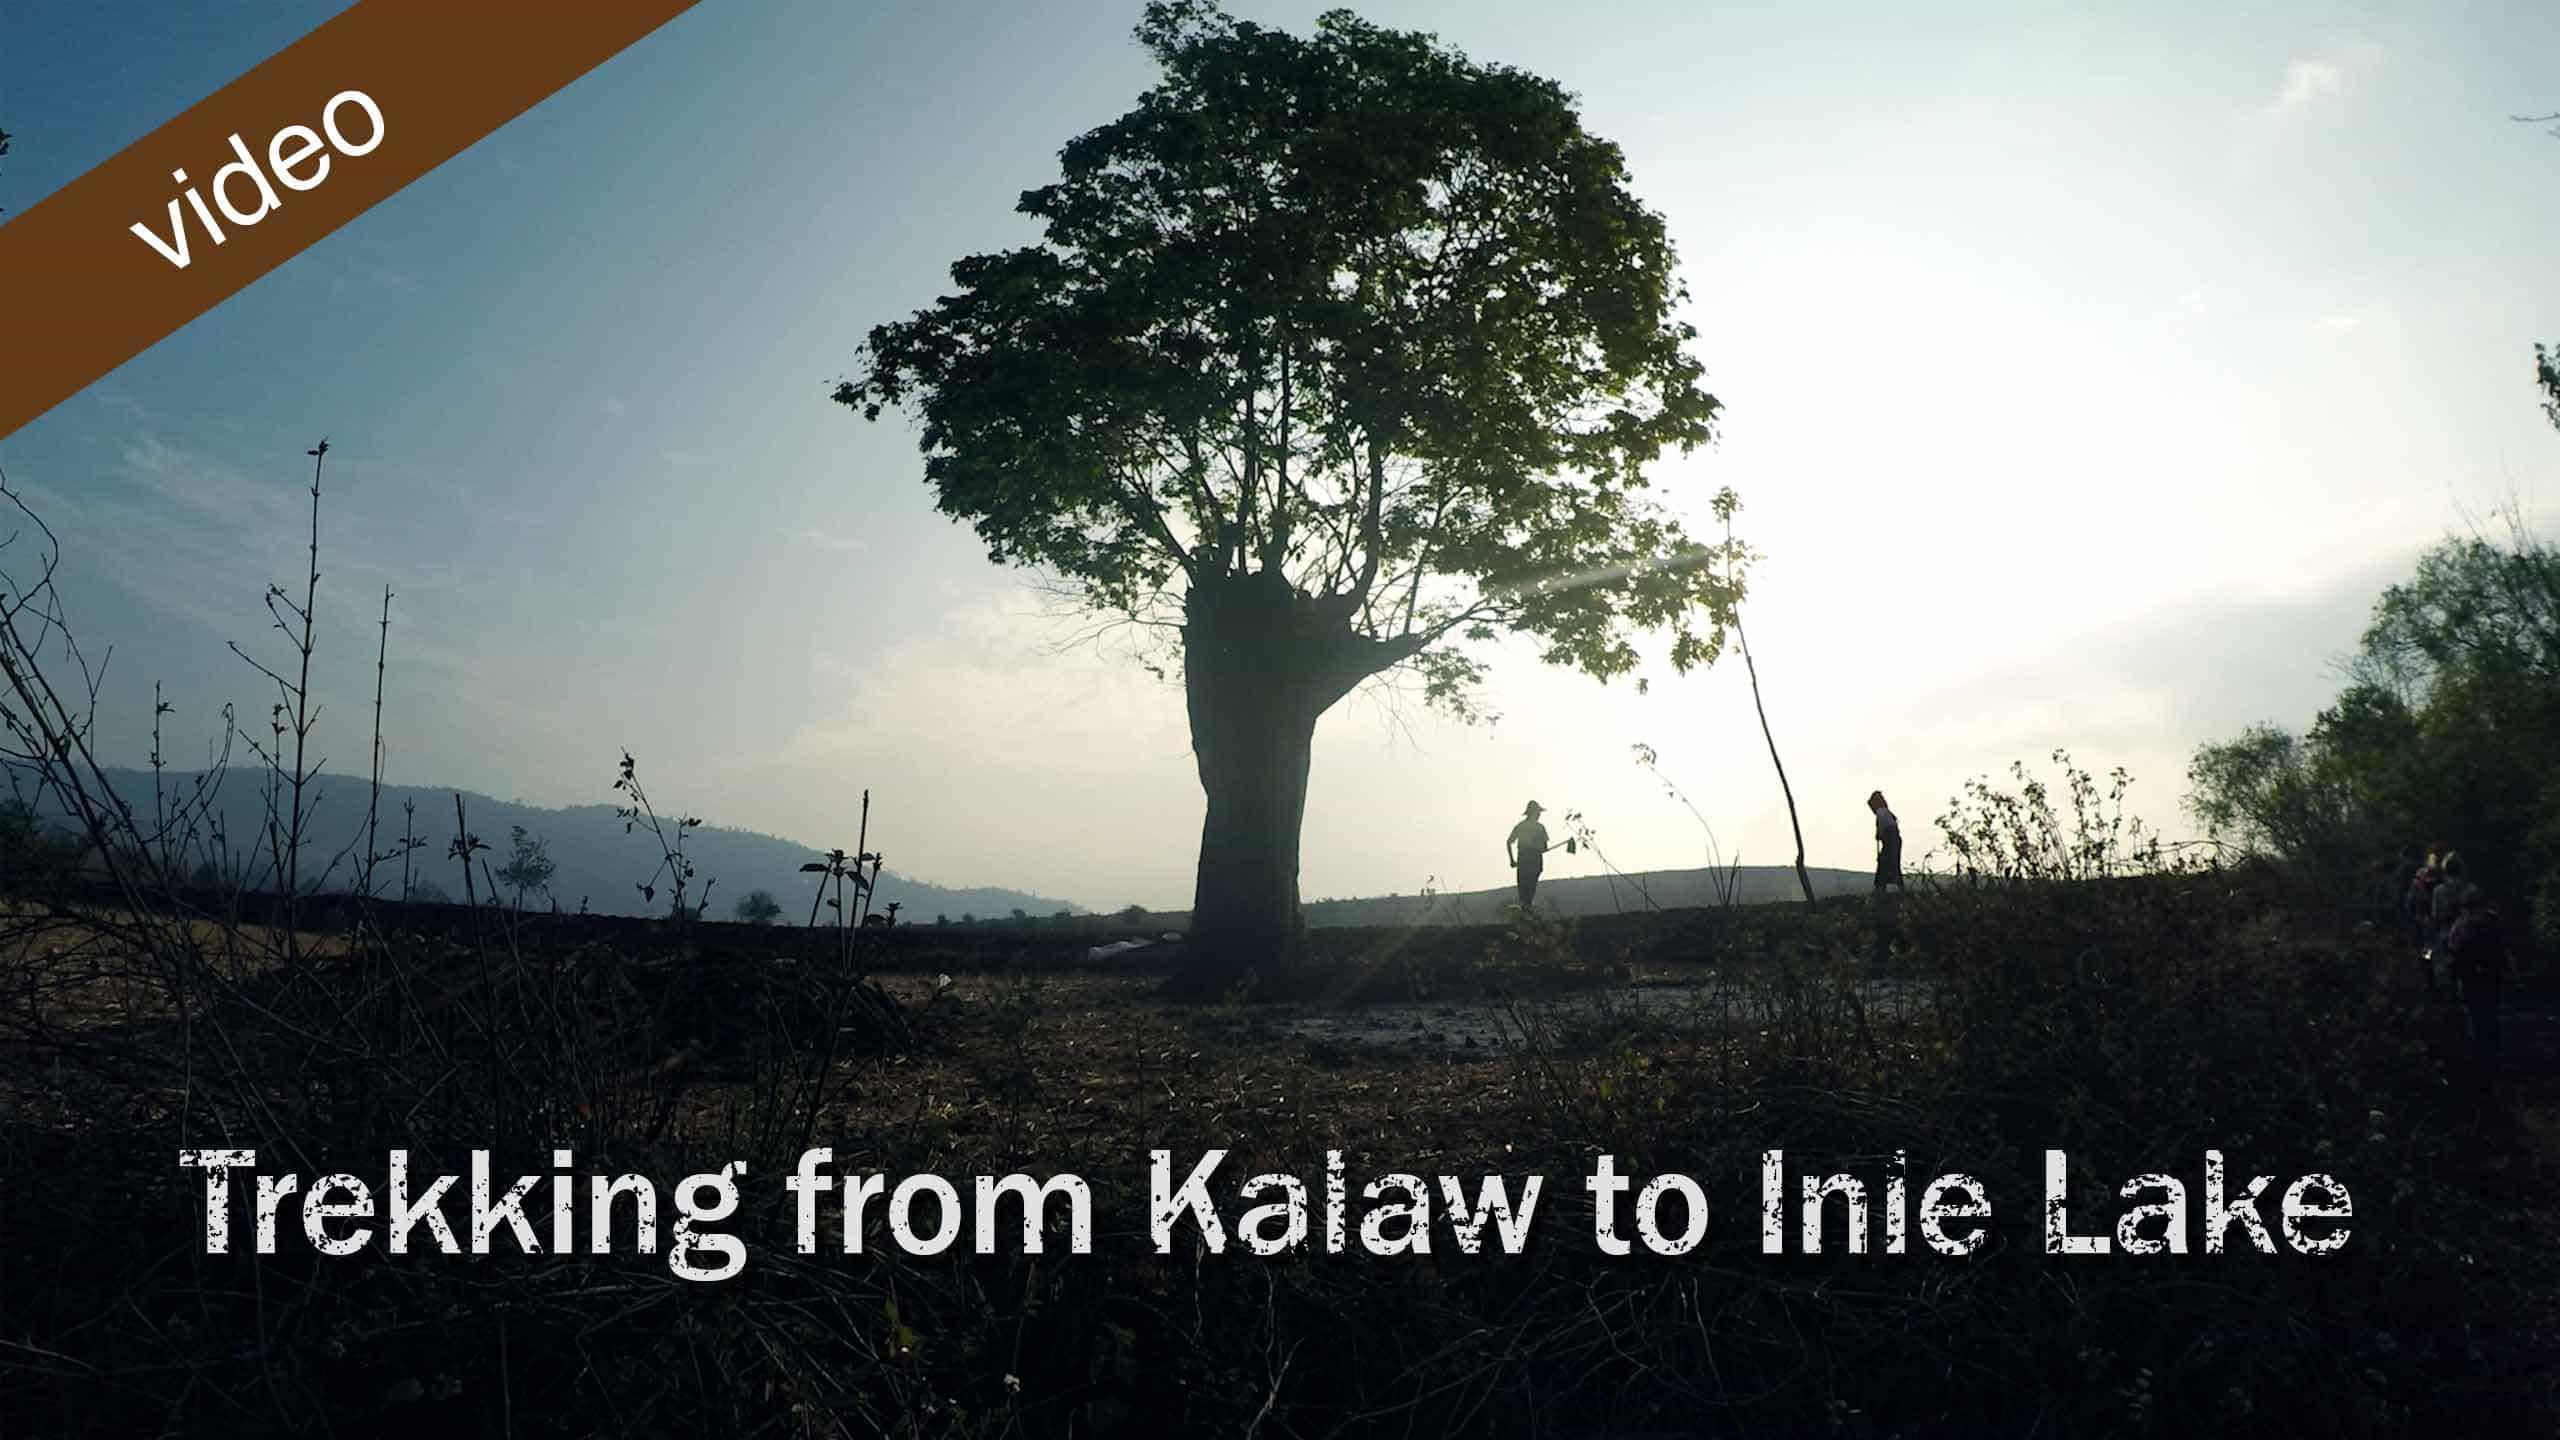 Trekking From Kalaw To Inle Lake, Myanmar